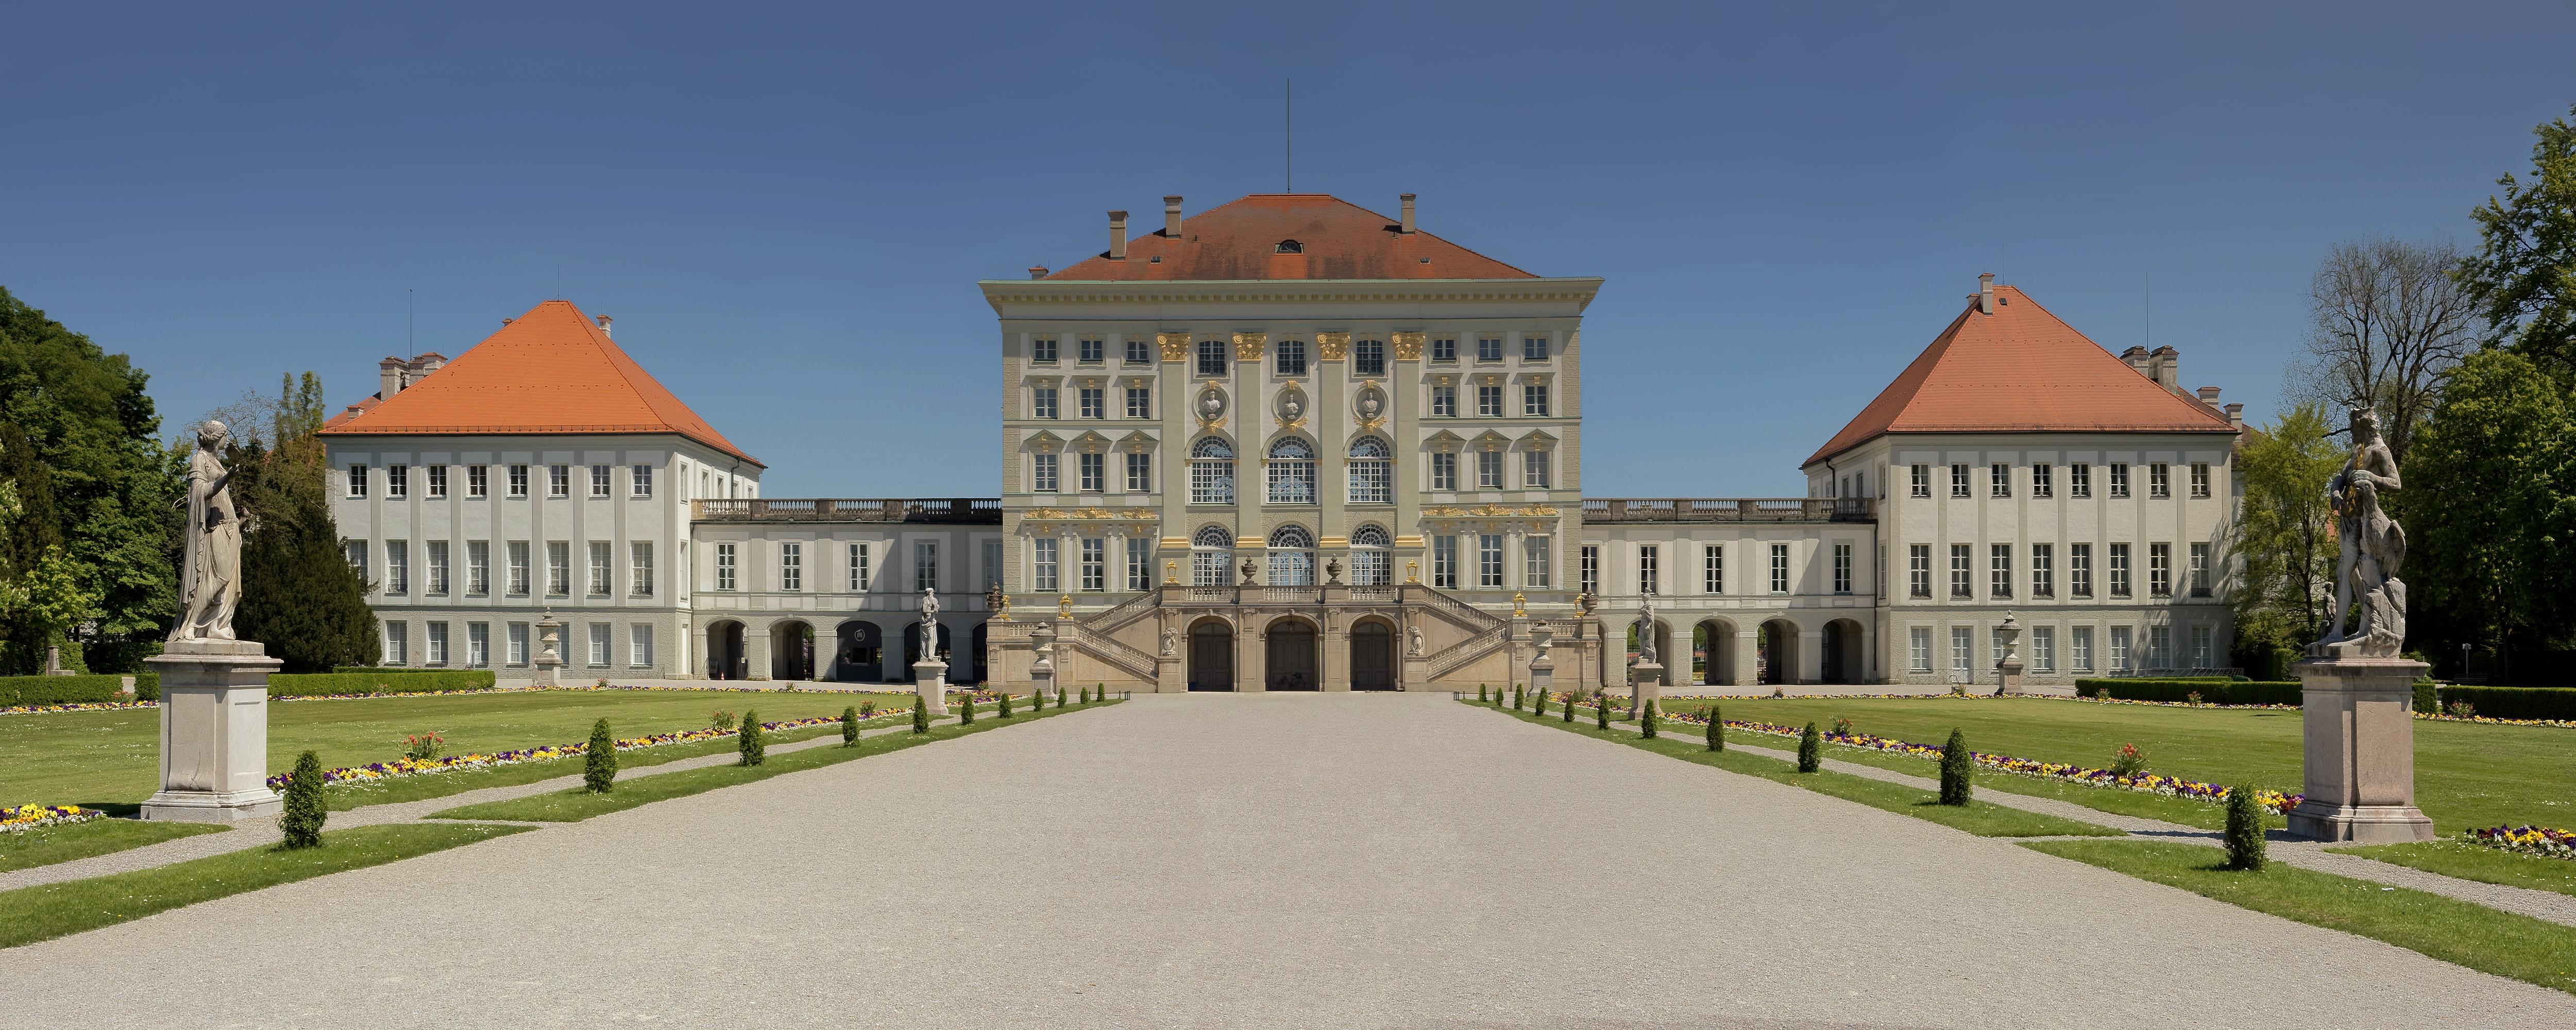 File:Image-Schloss Nymphenburg Munich CC.jpg - Wikimedia ...